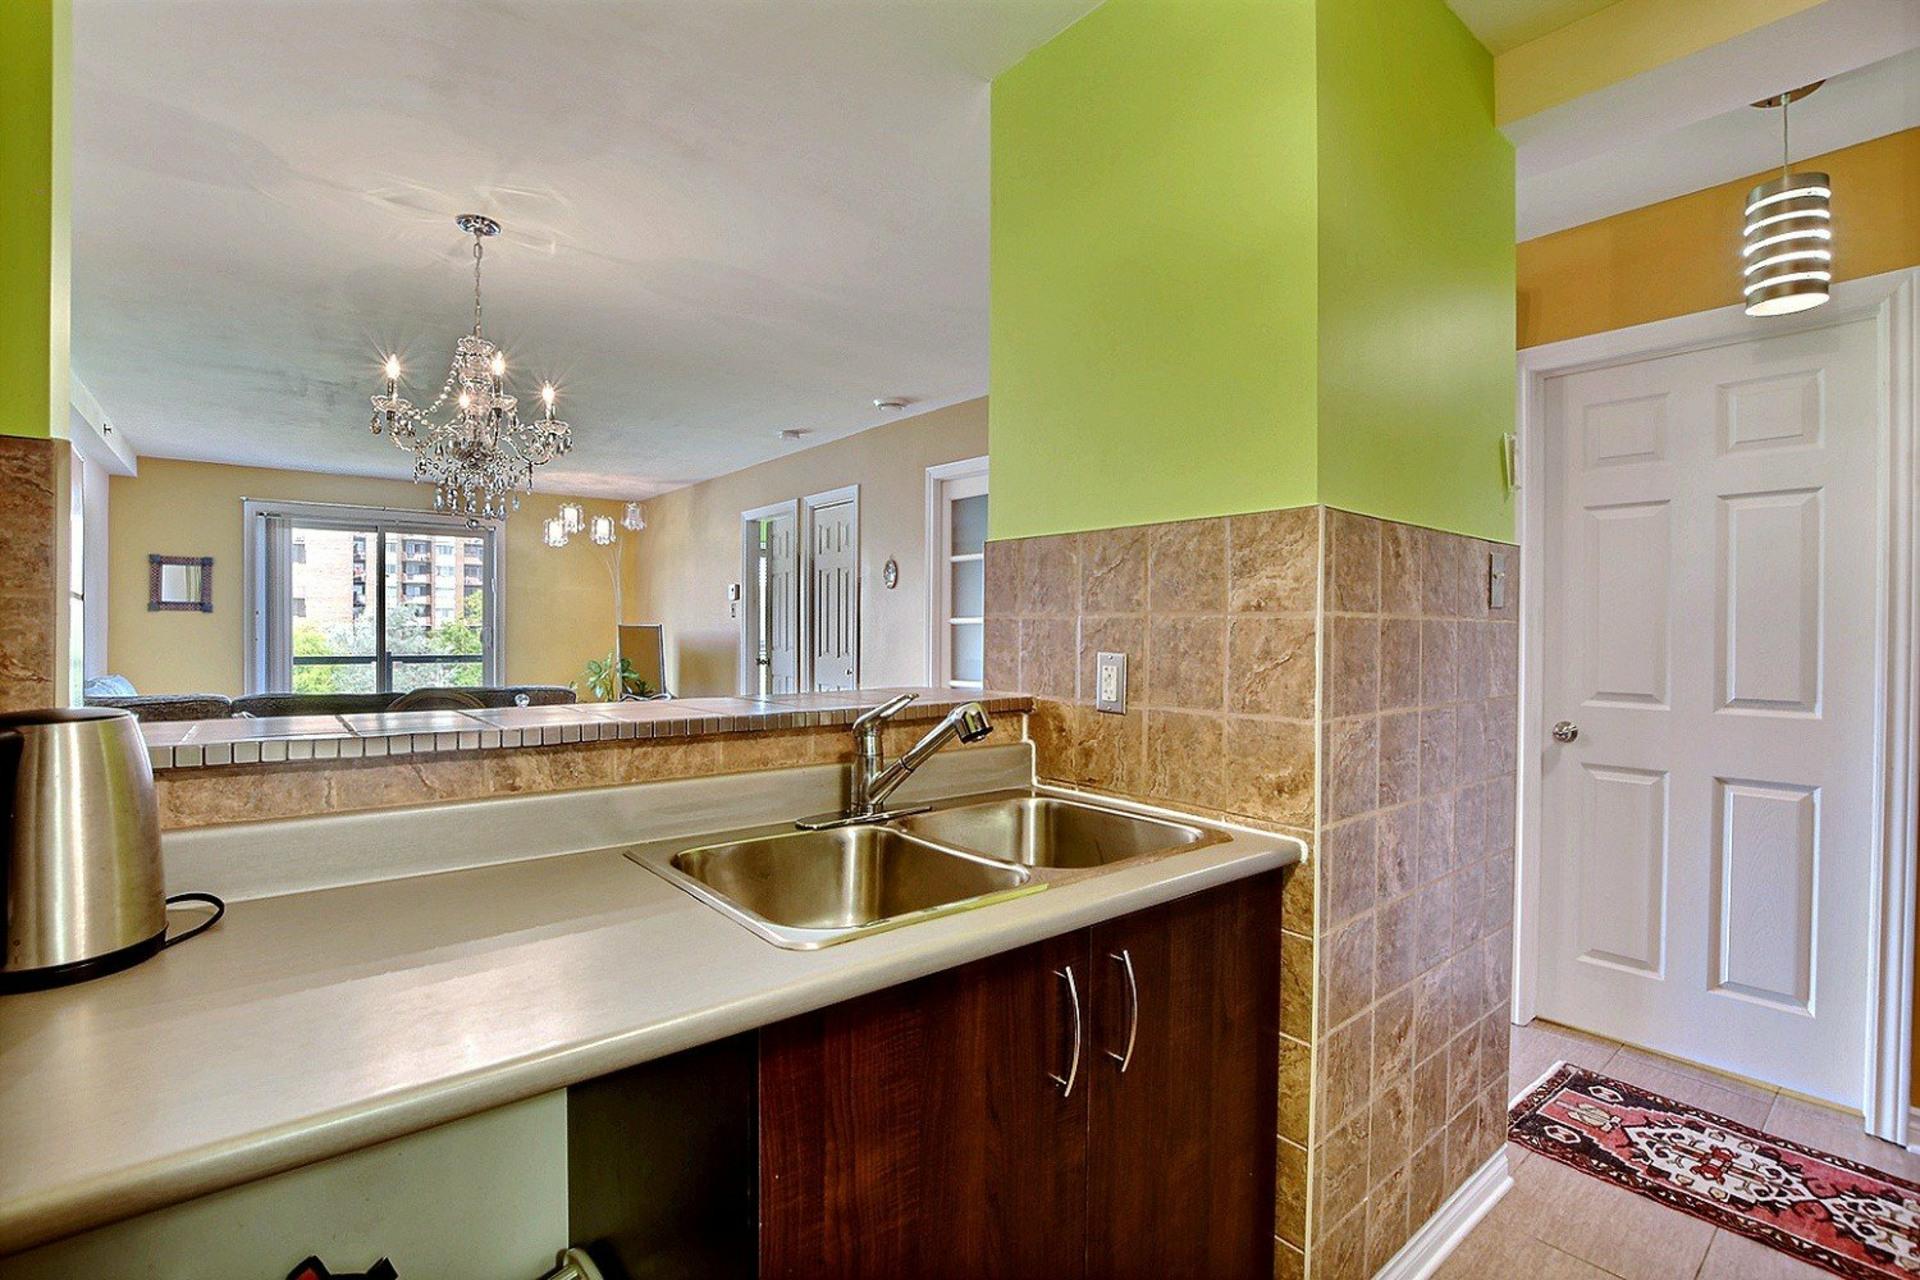 image 9 - Apartment For sale Montréal Côte-des-Neiges/Notre-Dame-de-Grâce  - 4 rooms